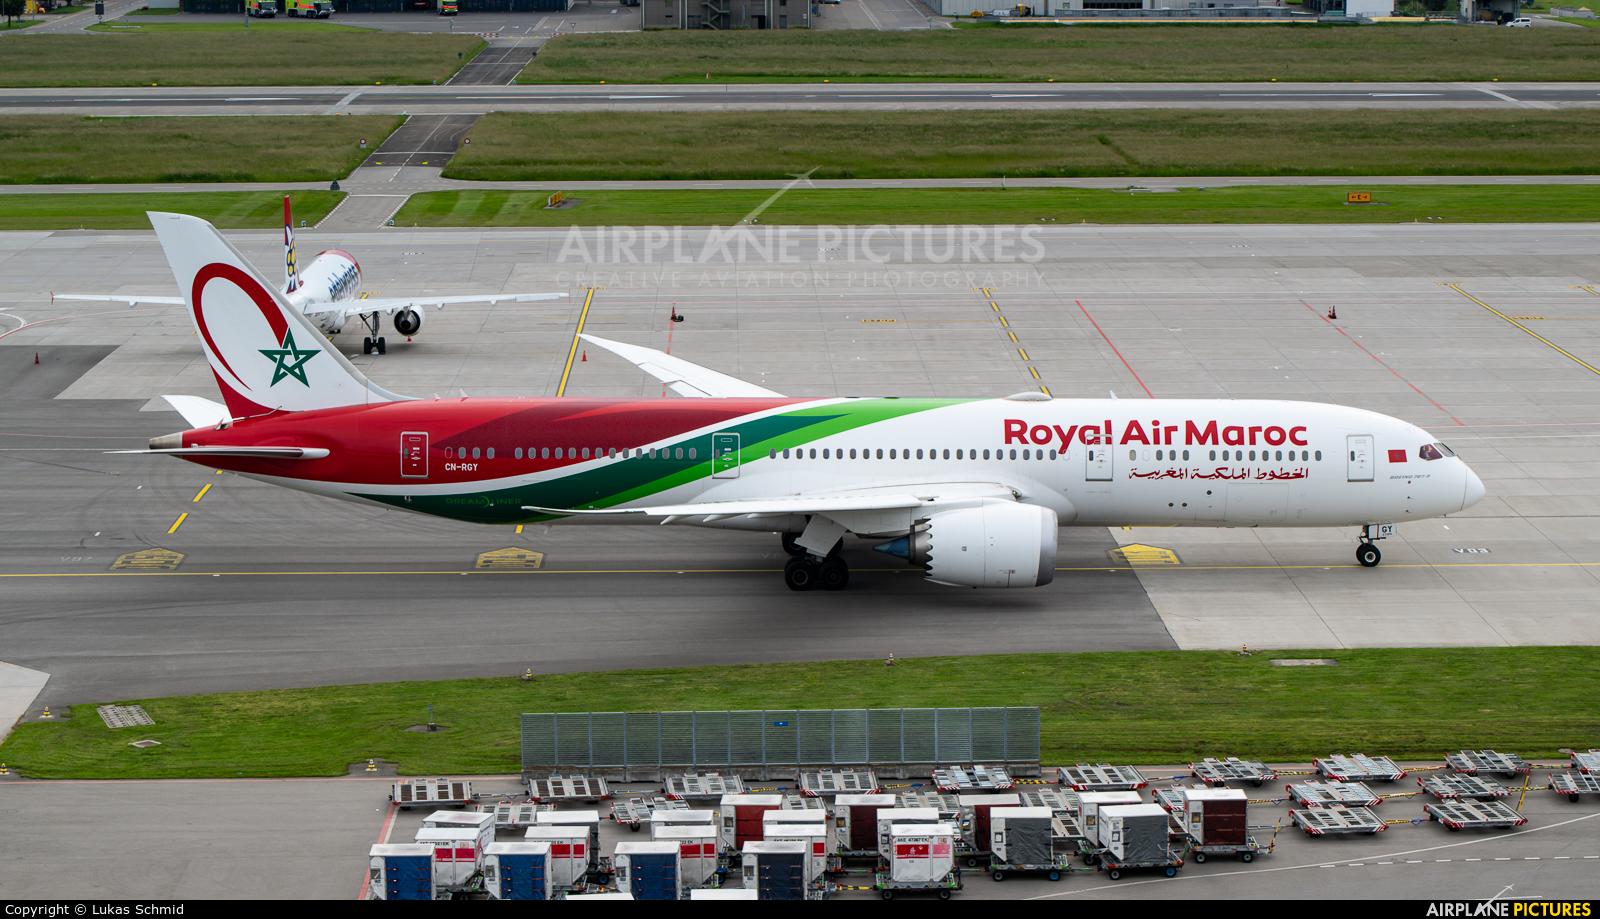 Royal Air Maroc CN-RGY aircraft at Zurich